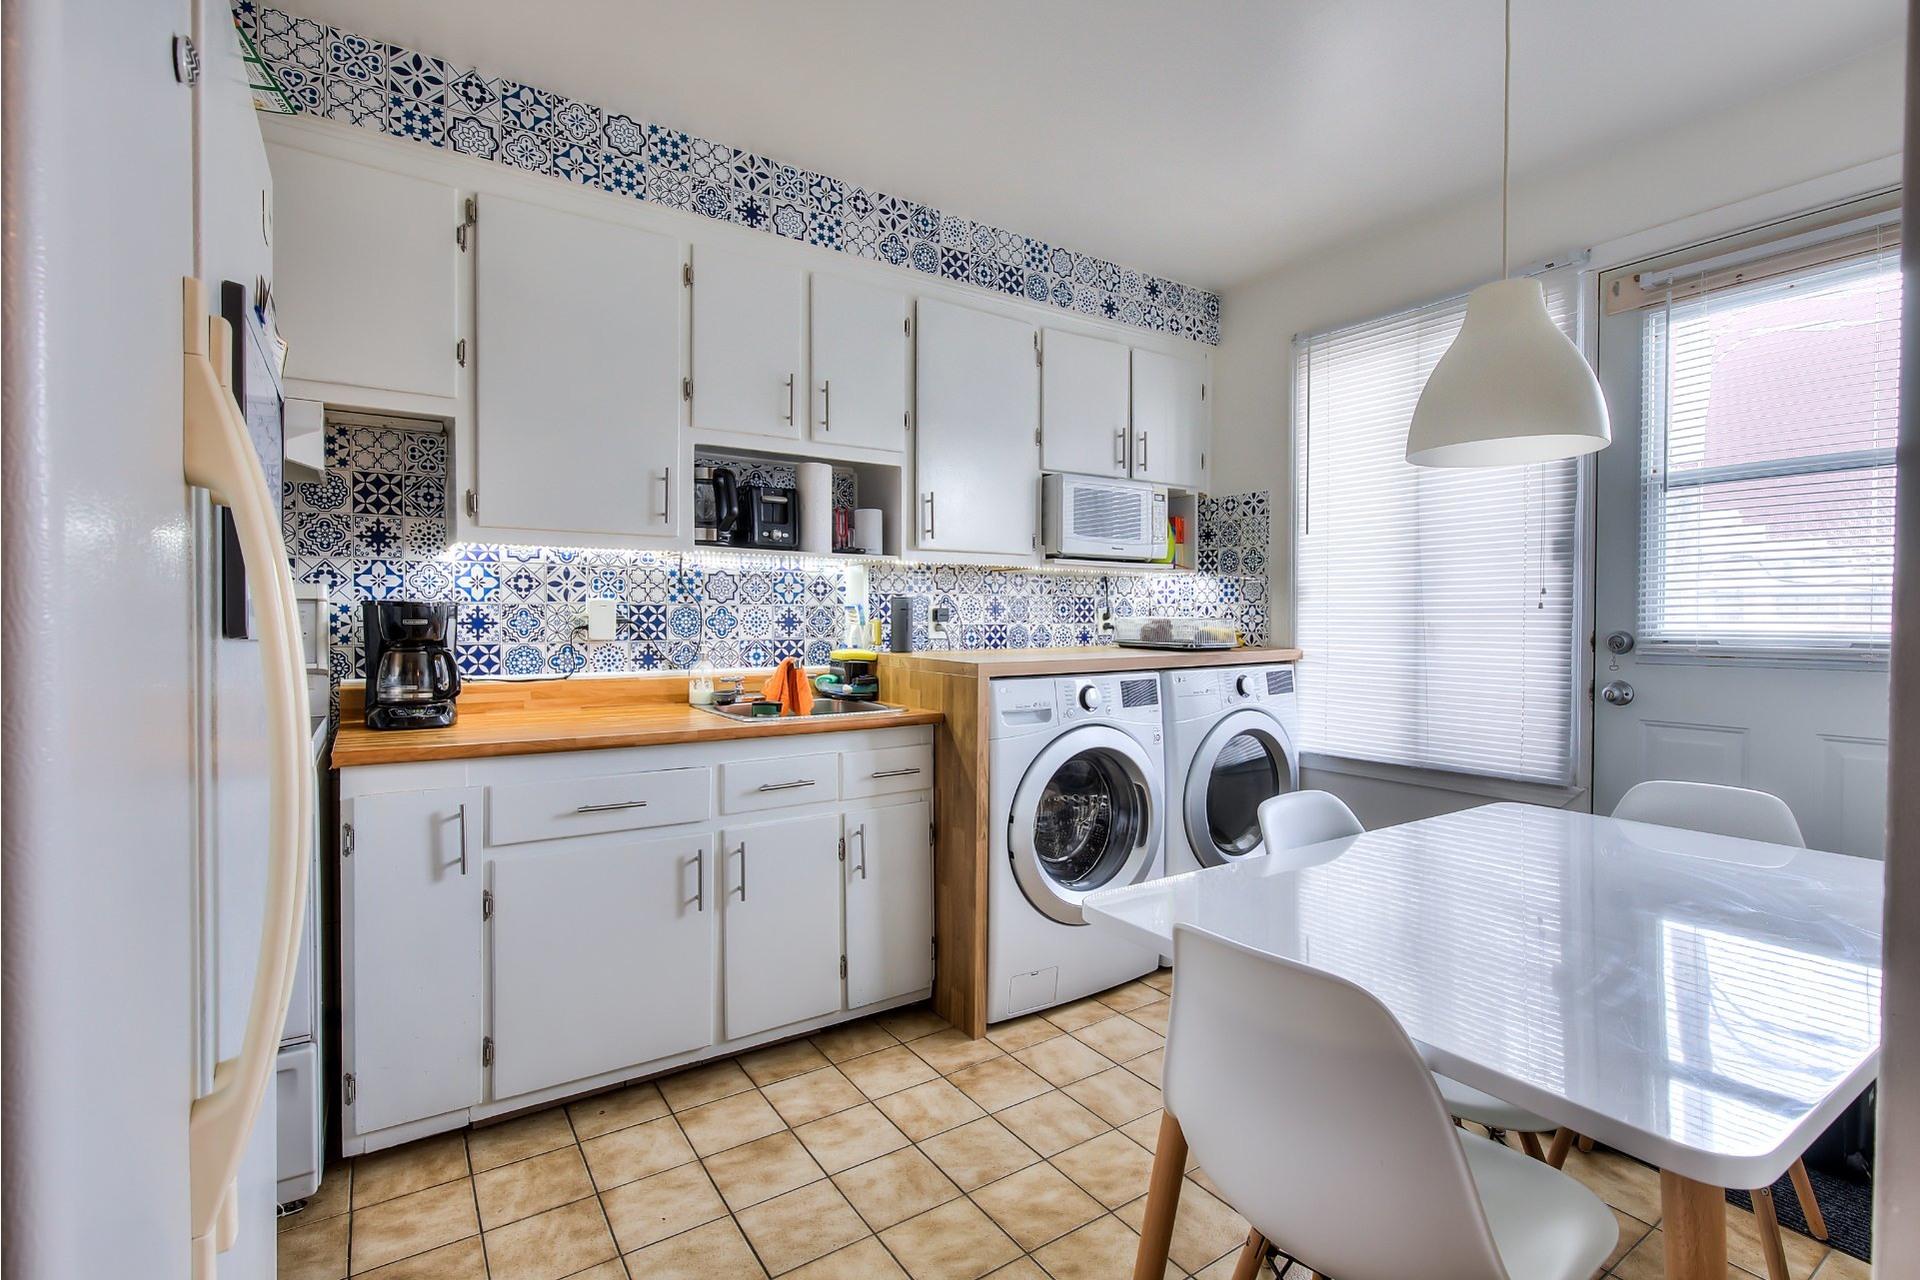 image 13 - Income property For sale Villeray/Saint-Michel/Parc-Extension Montréal  - 4 rooms